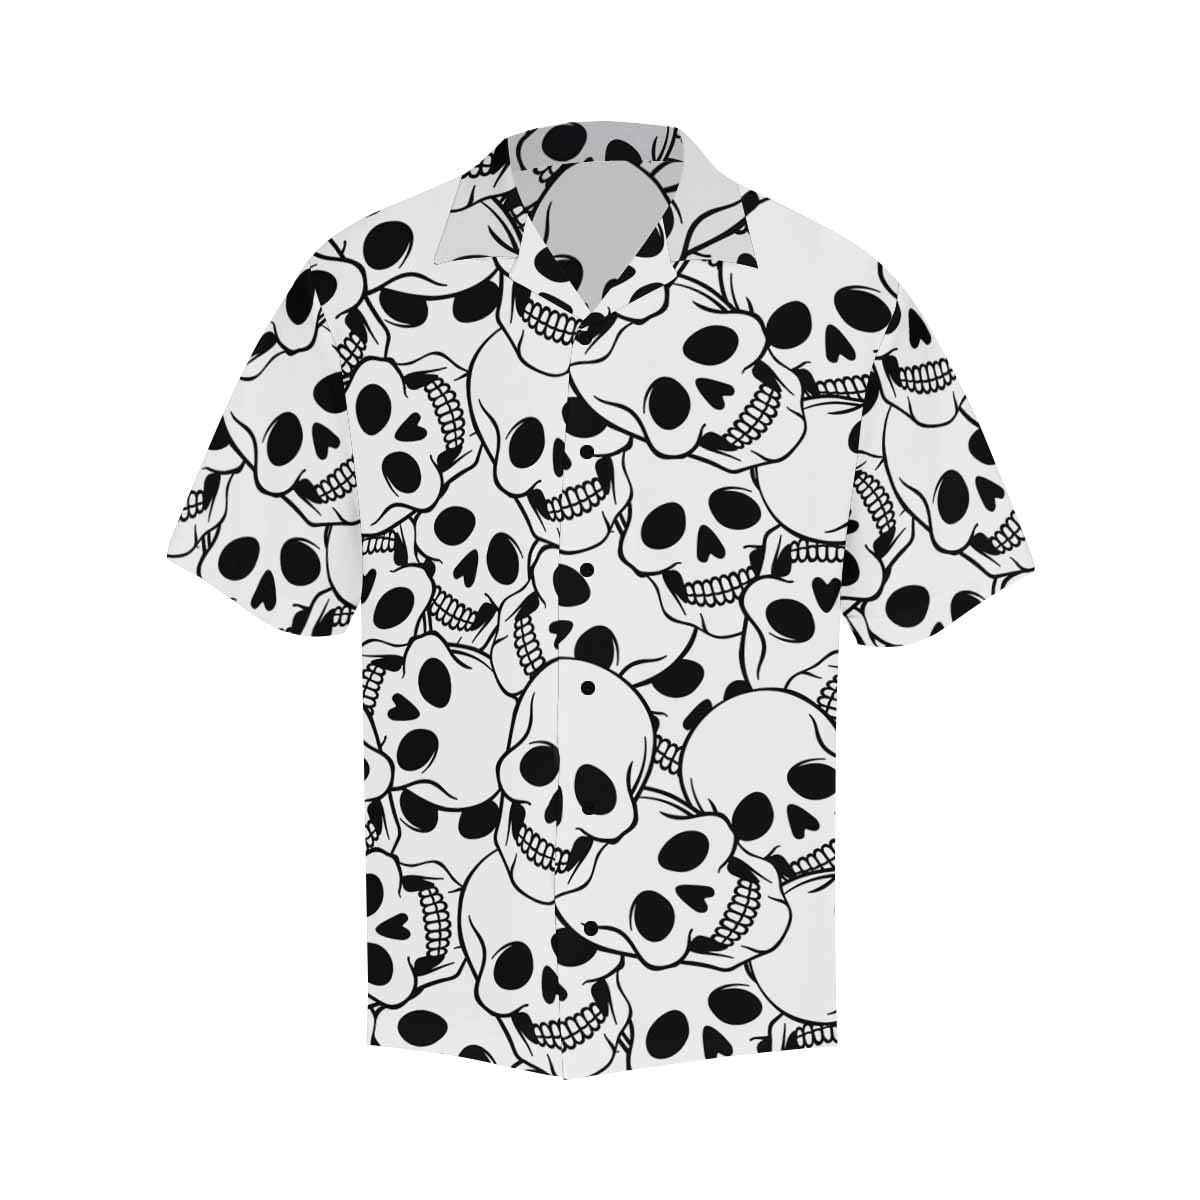 InterestPrint Mens Shirt Skulls Flower Heart Short Sleeve Casual Button Up Mens Shirts